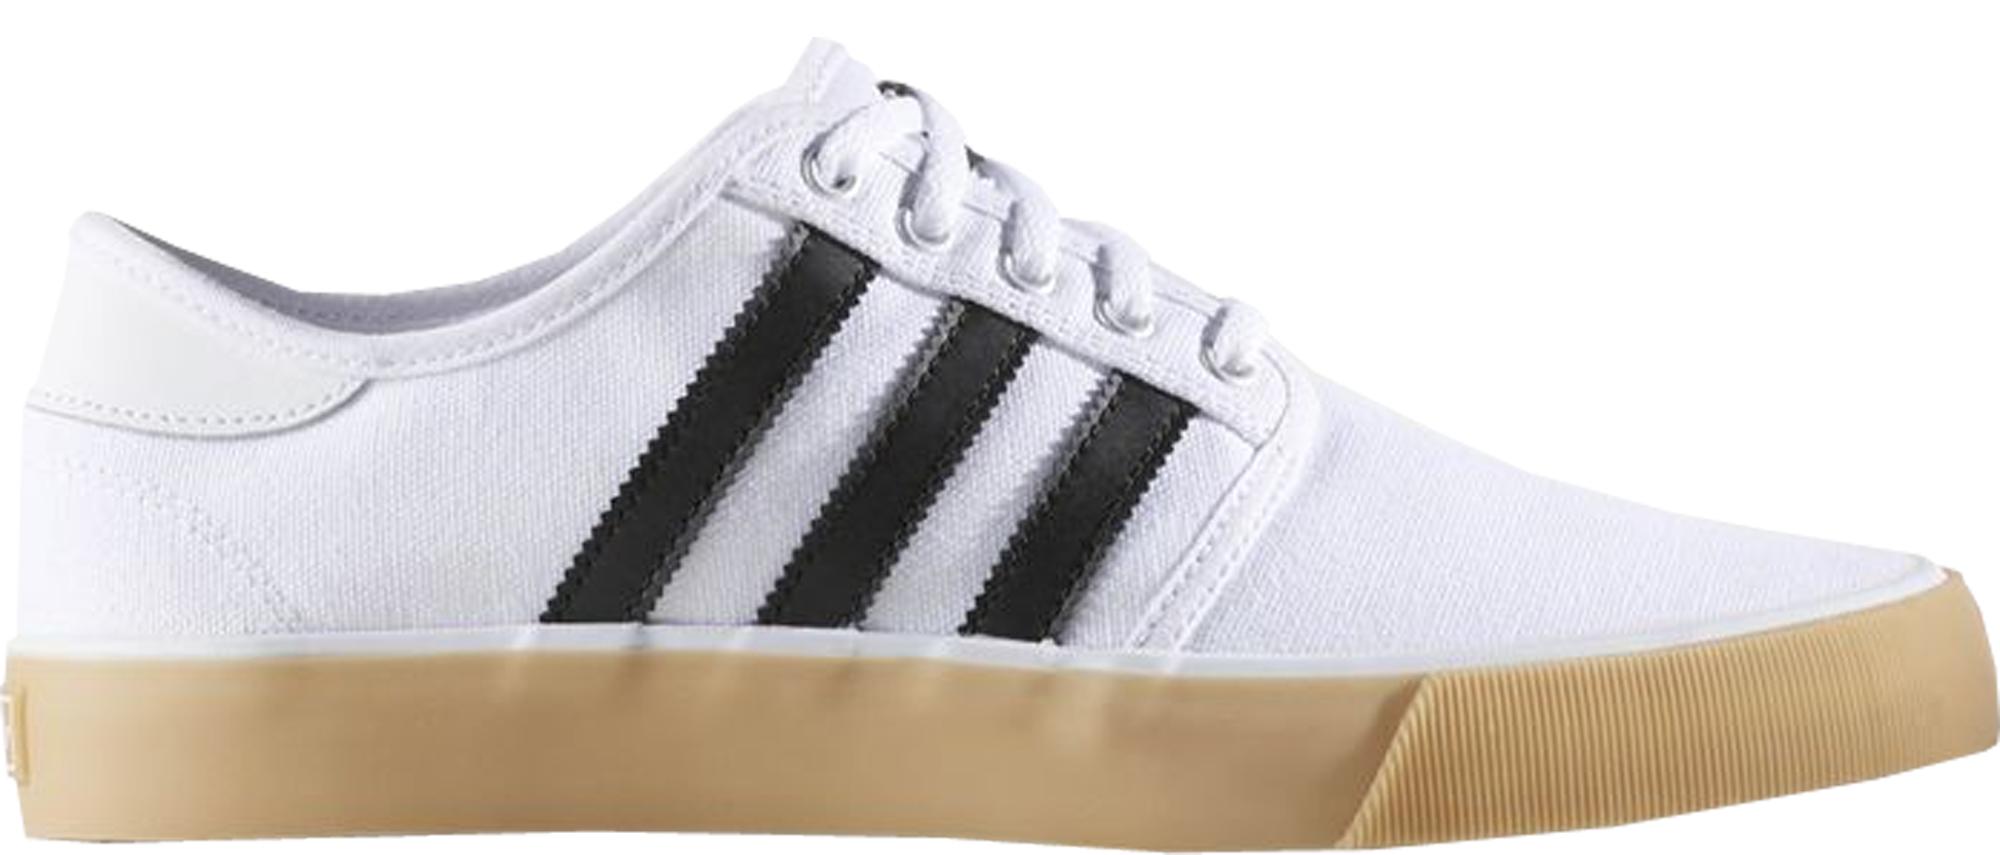 adidas Seeley Decon White Black - BB8560